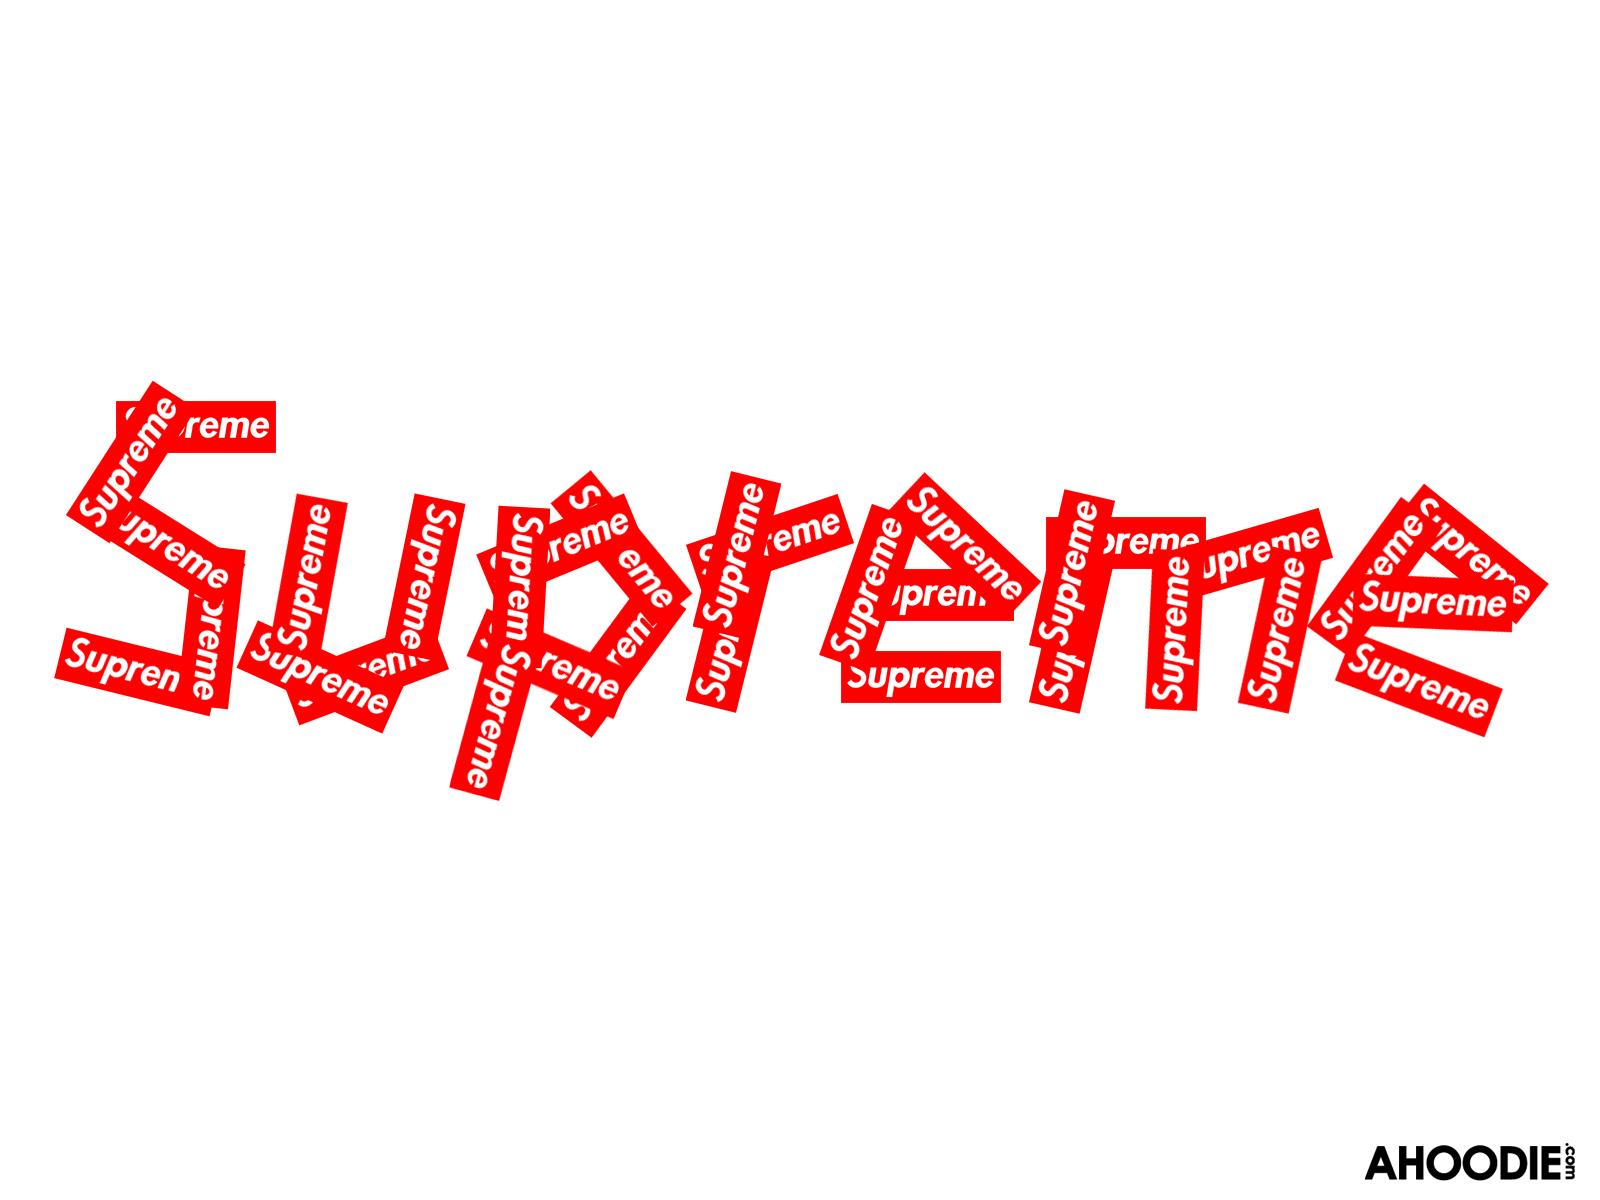 Supreme Wallpaper 1600x1200